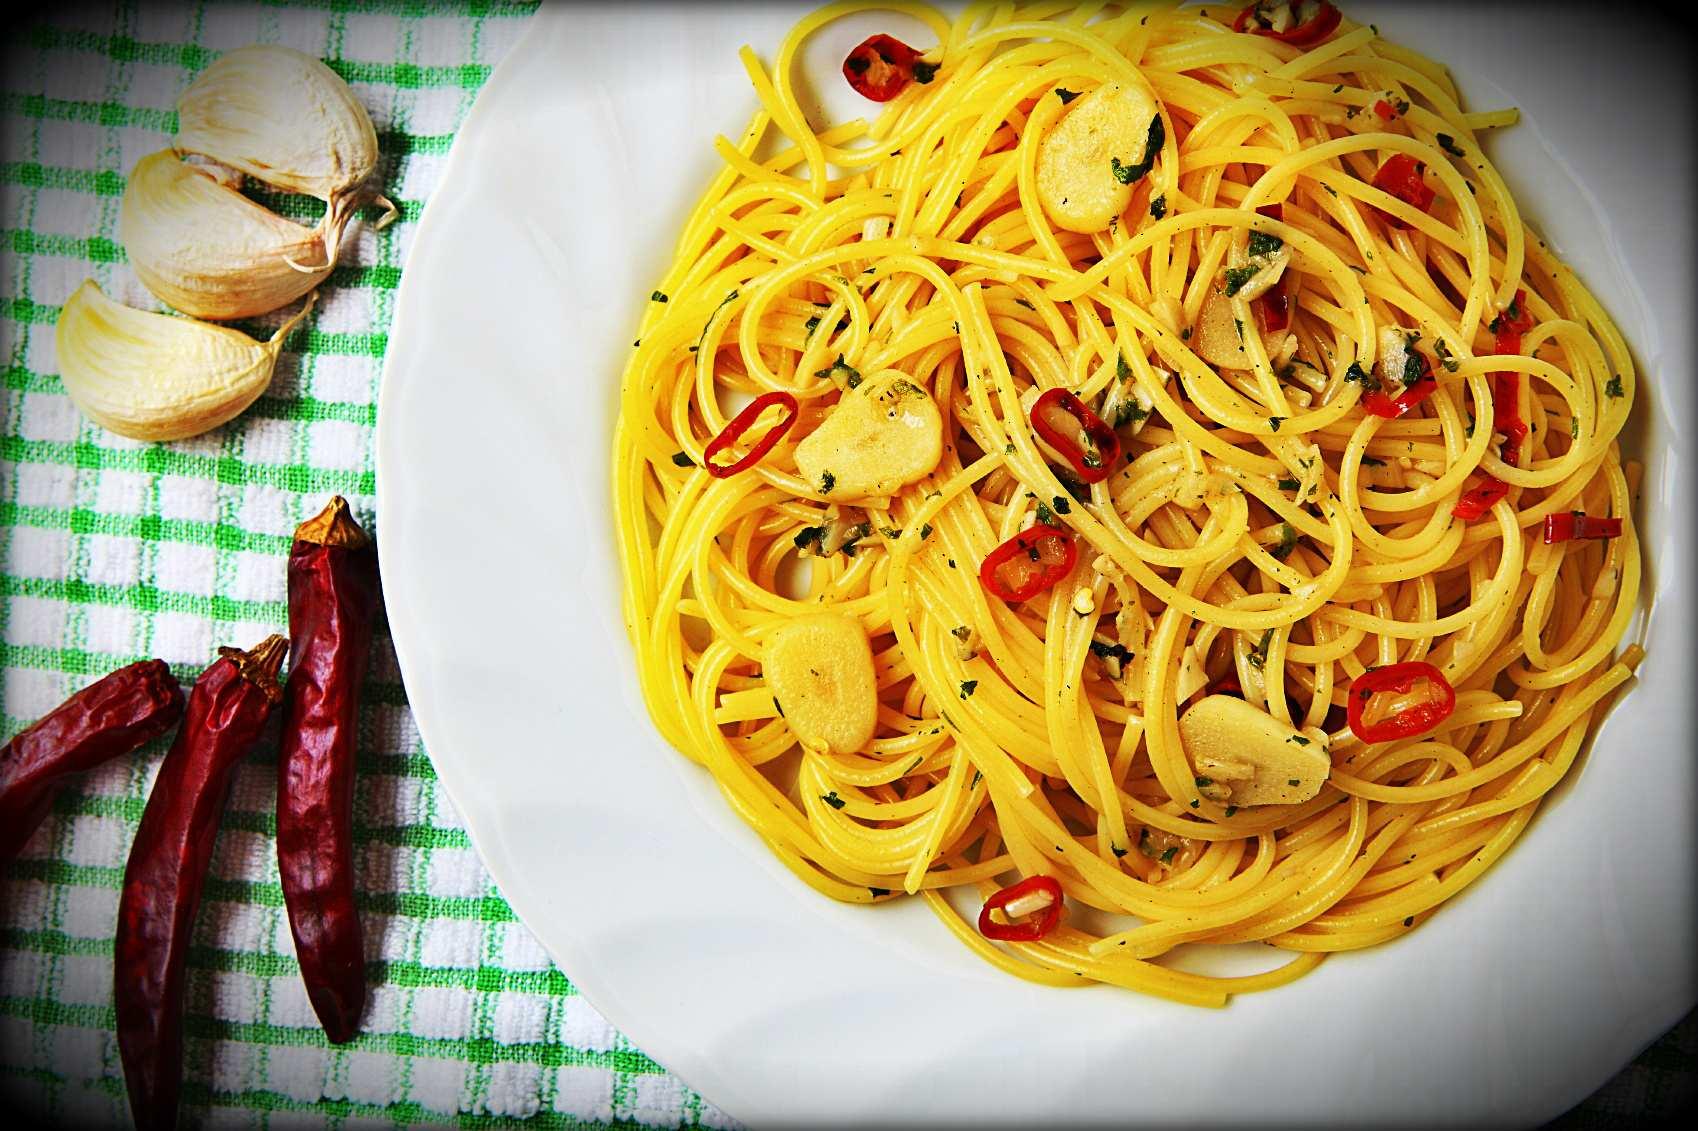 Beautiful Cucinare Con Poco Ideas - Orna.info - orna.info